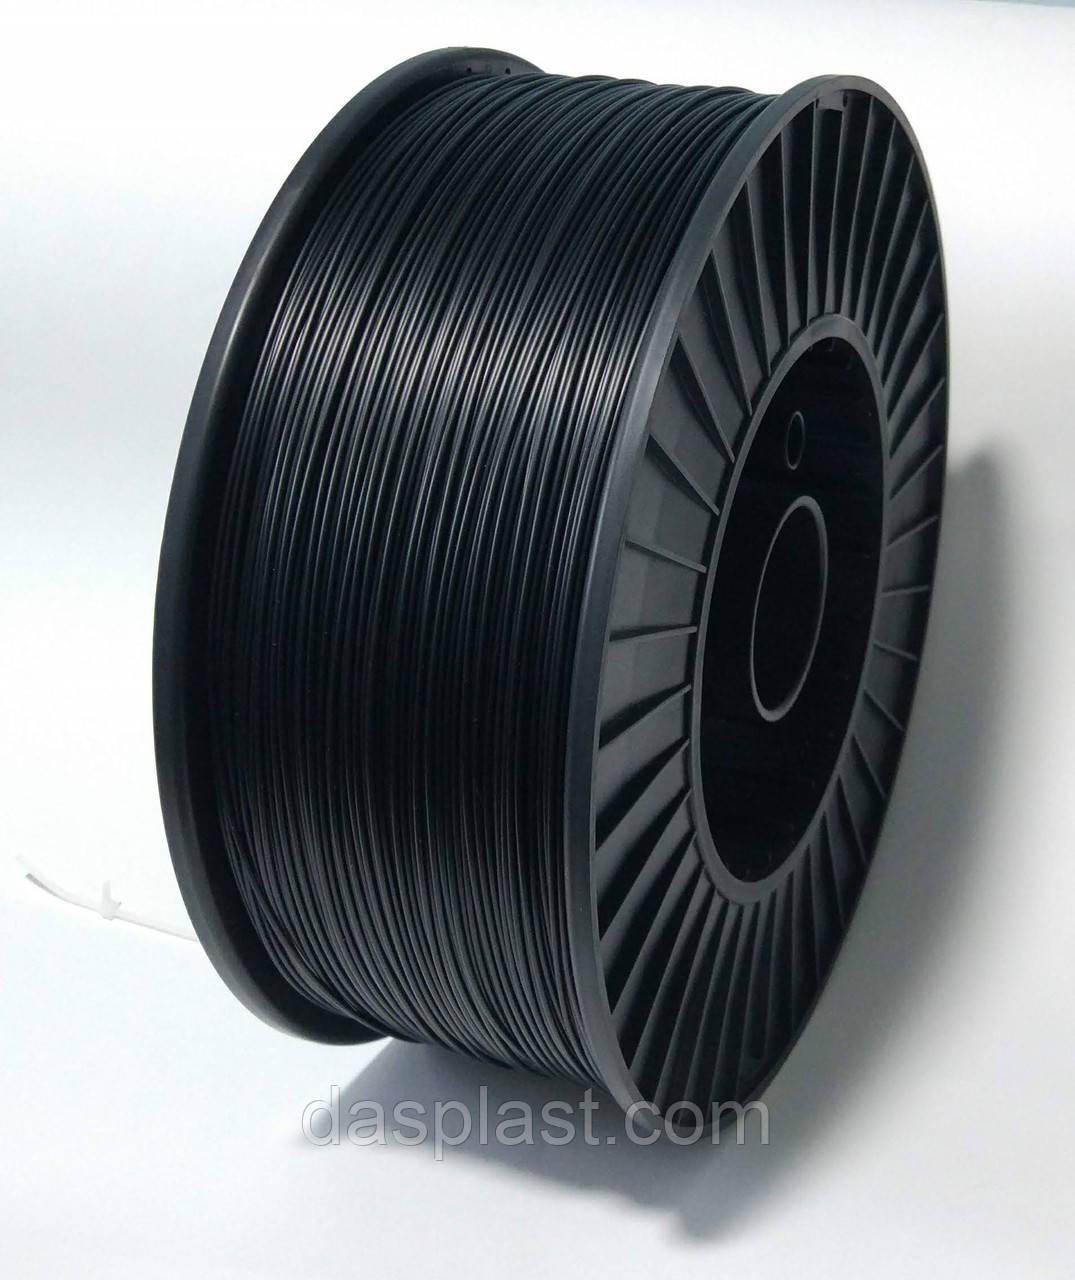 АБС нить 1.75 мм 2,5 кг пластик для 3d печати, черный